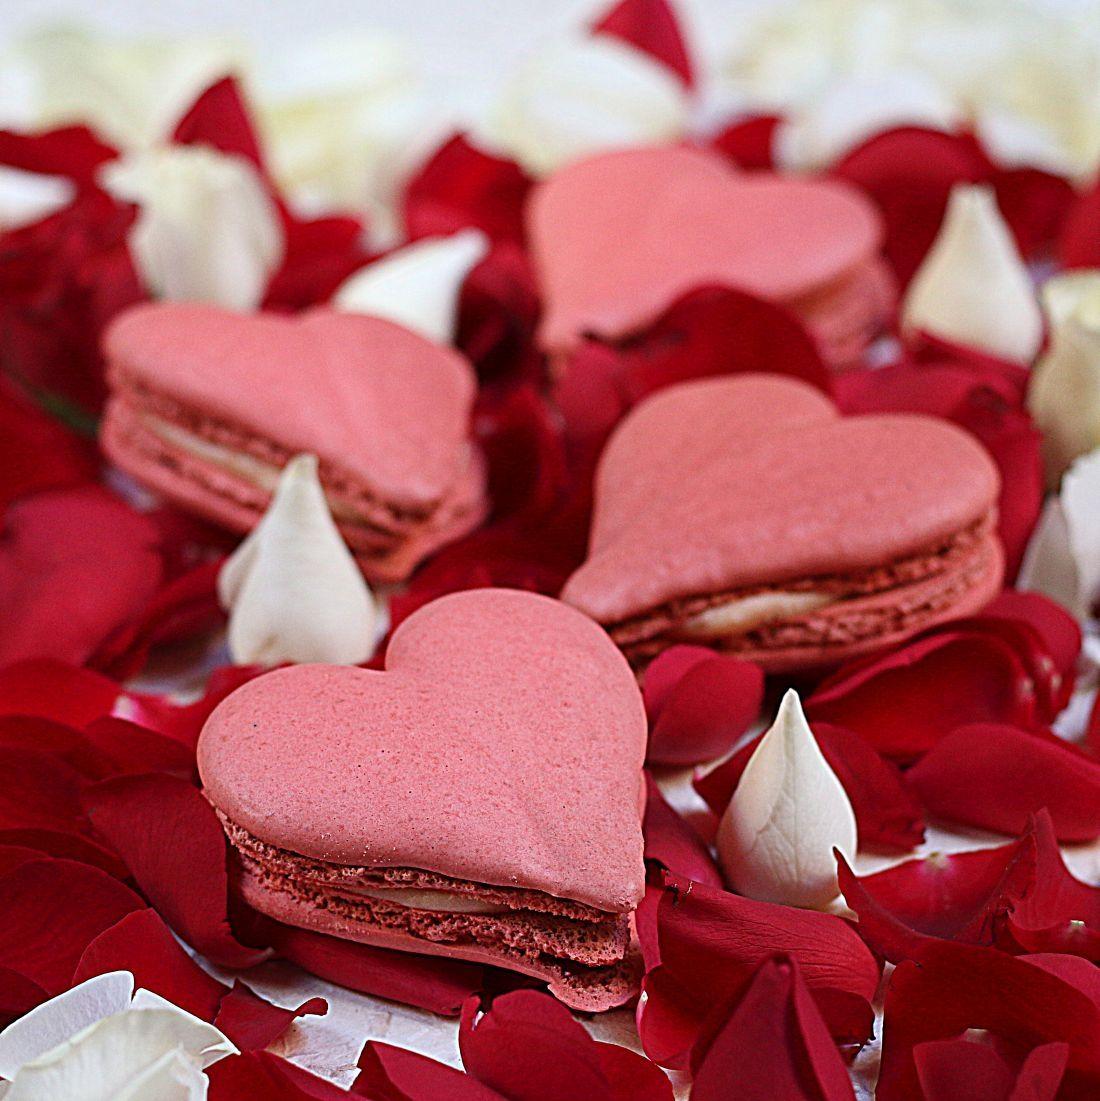 המקרונים של ארמה לוולנטיינס - בצורת לב ובארומת ורדים